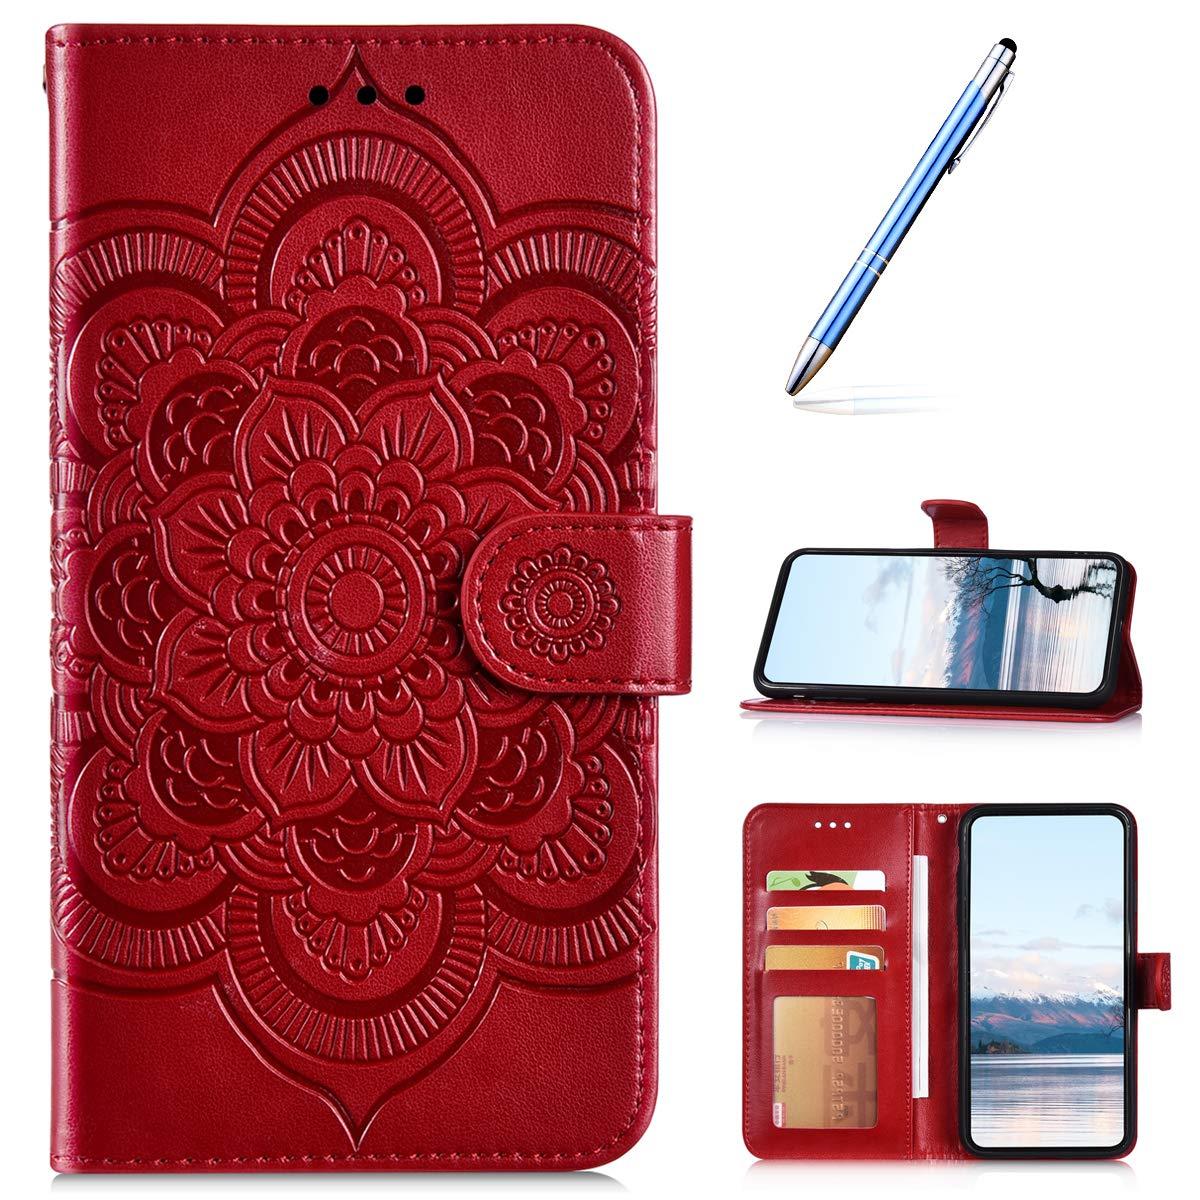 Robinsoni Compatible avec Nokia 3.1 Plus Coque,Pochette Portefeuille en Cuir Housse de Protection,3D Mandala Fleur Coque Étui à Rabat Magnétique Carte Slot Clapet Flip Case Cover Wallet,Rouge